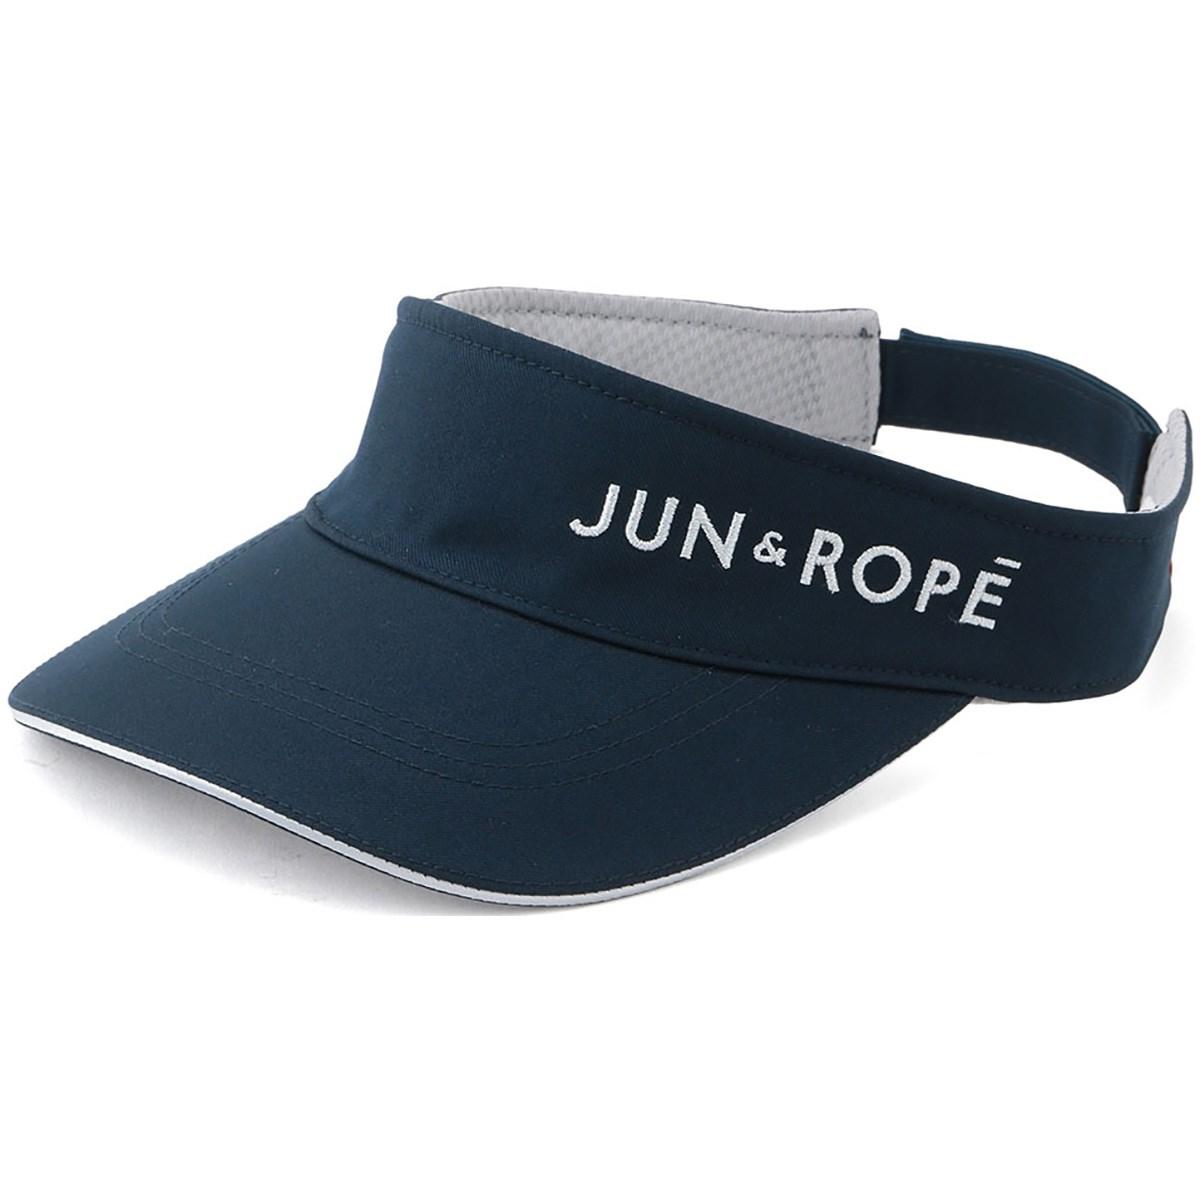 ジュン アンド ロペ JUN & ROPE 立体ラメ刺繍ロゴサンバイザー フリー ネイビー 40 レディス